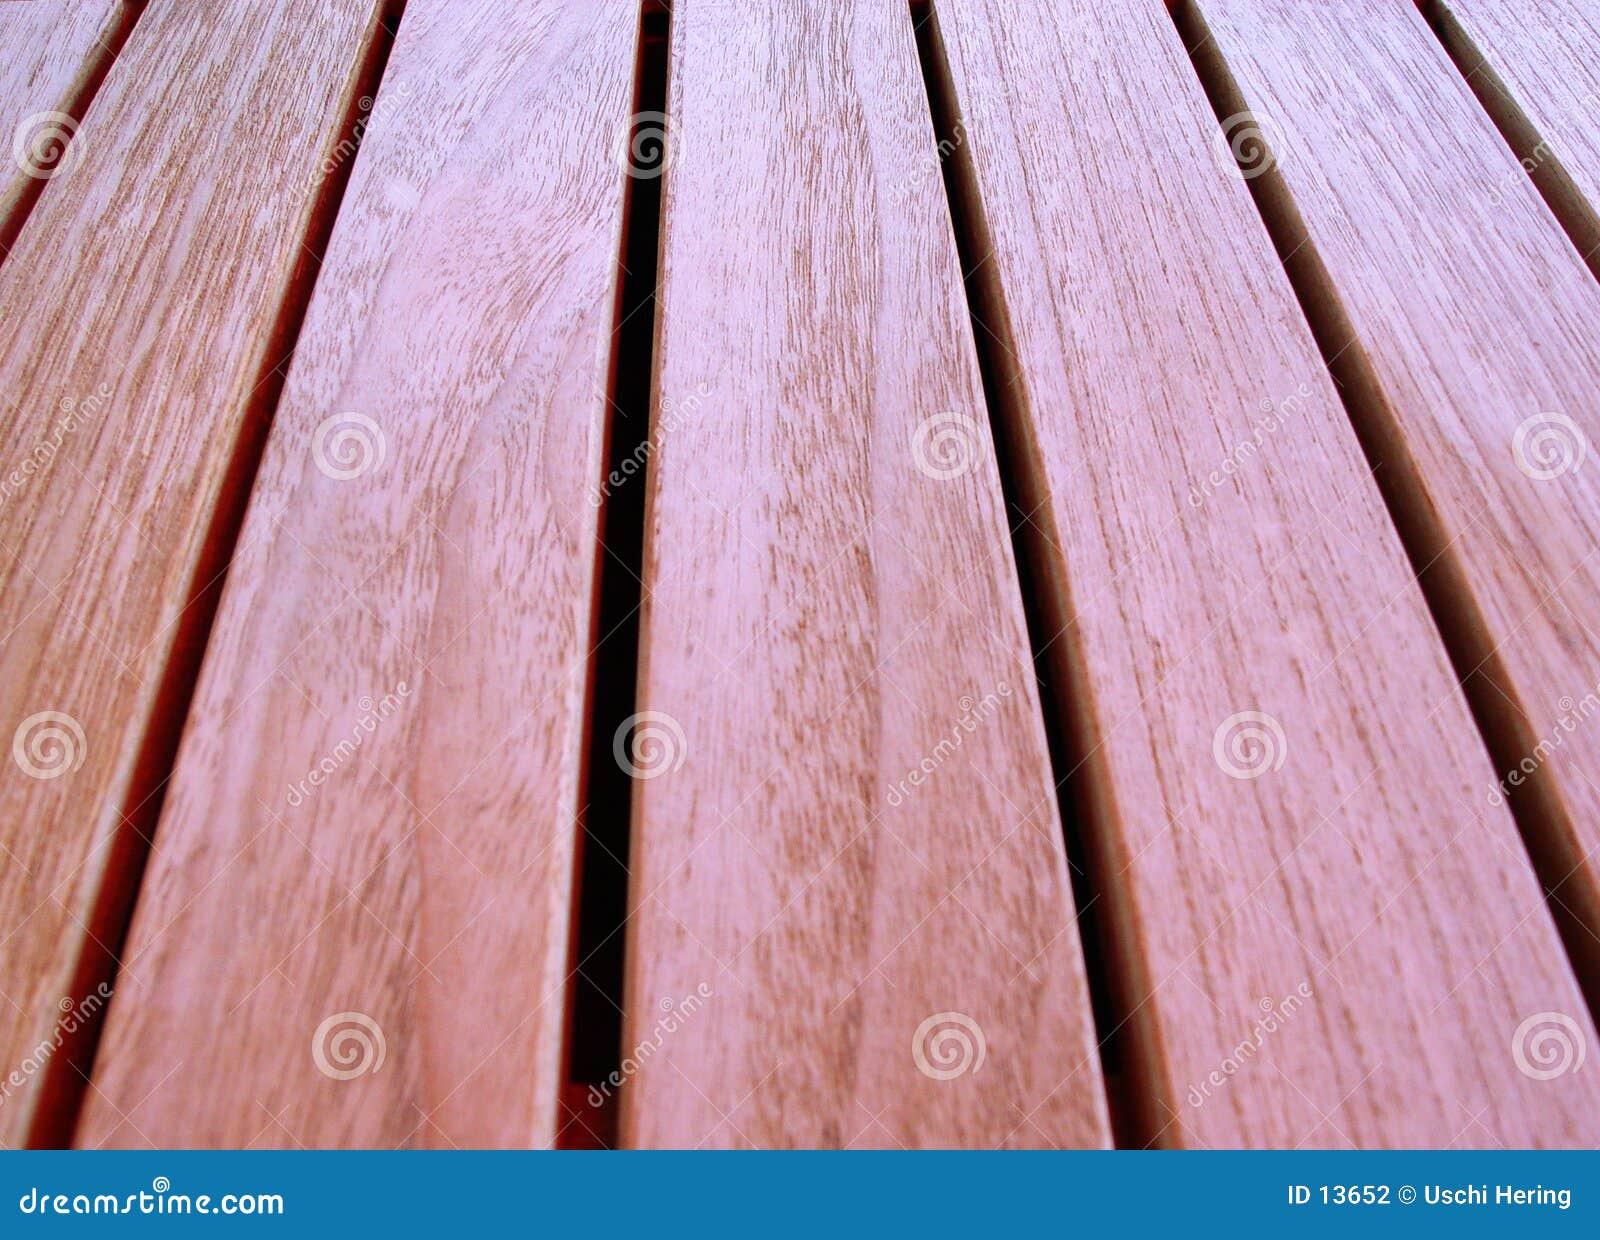 wooden bar texture